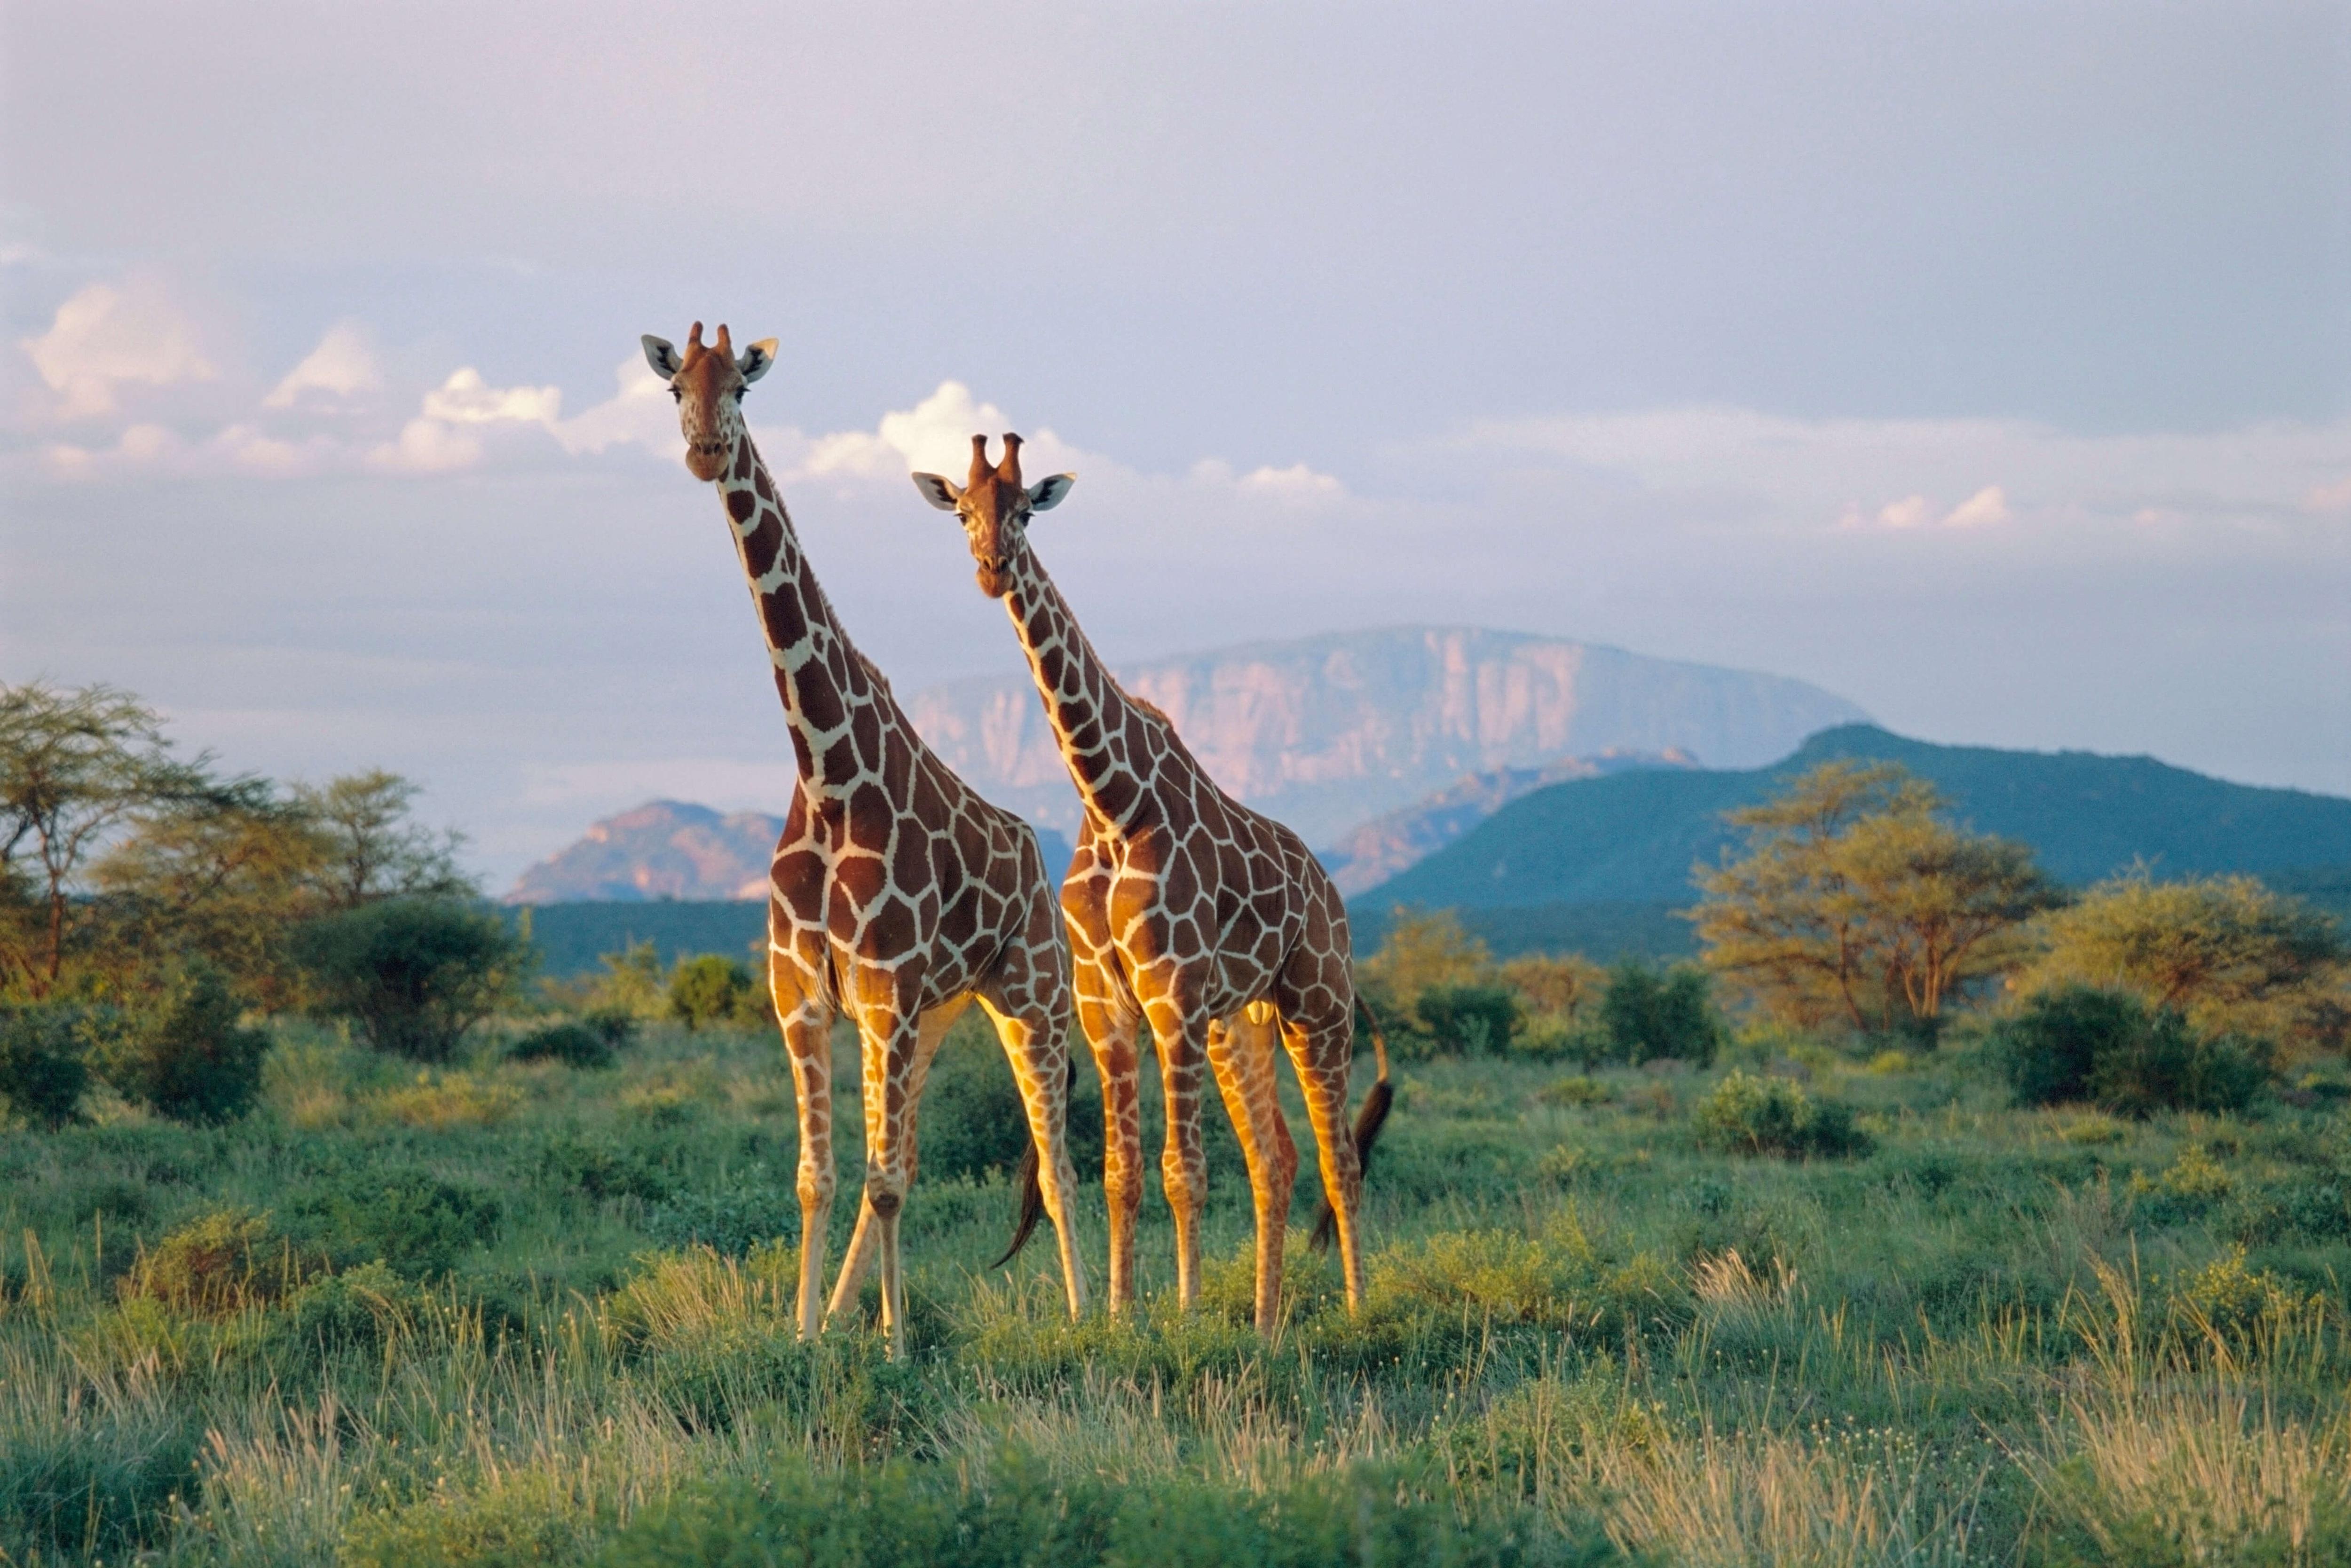 Two giraffes walking through grassland in Kenya